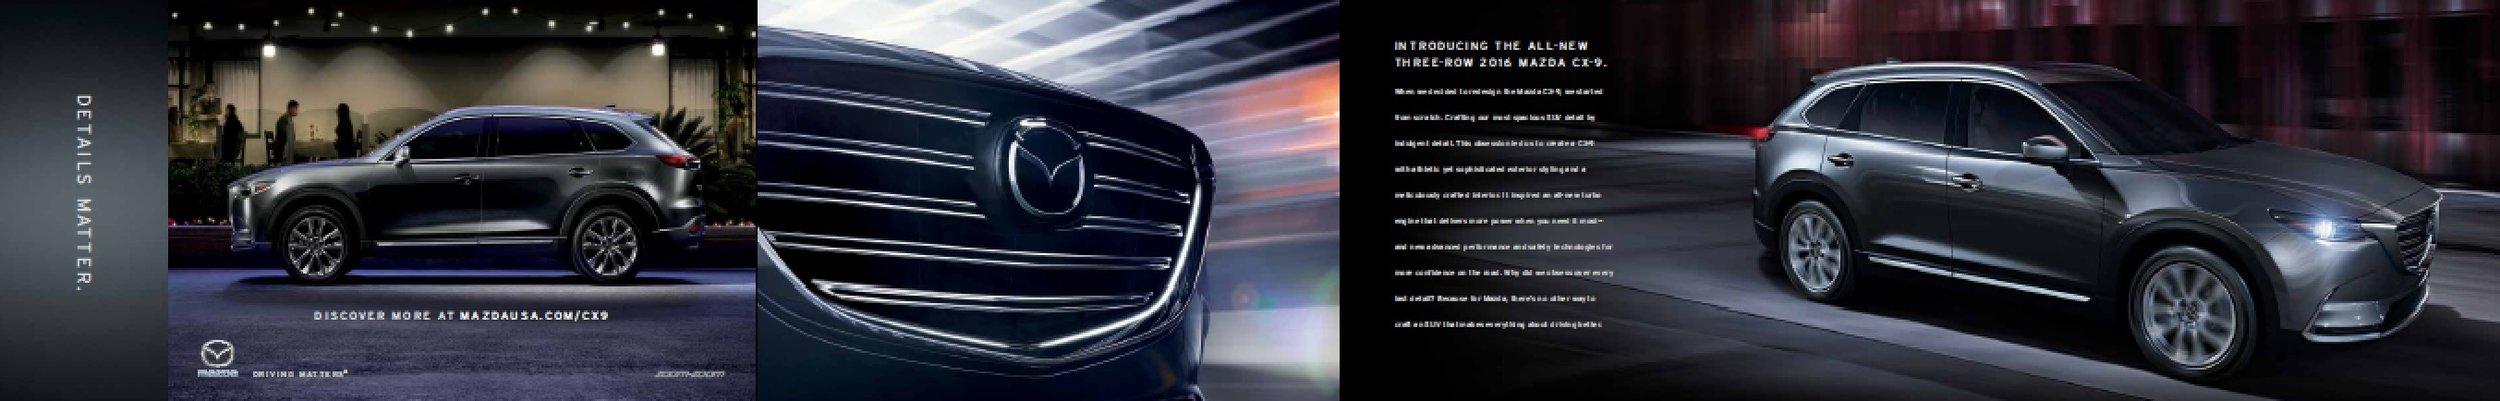 Mazda_CX9_brochure_2.jpg